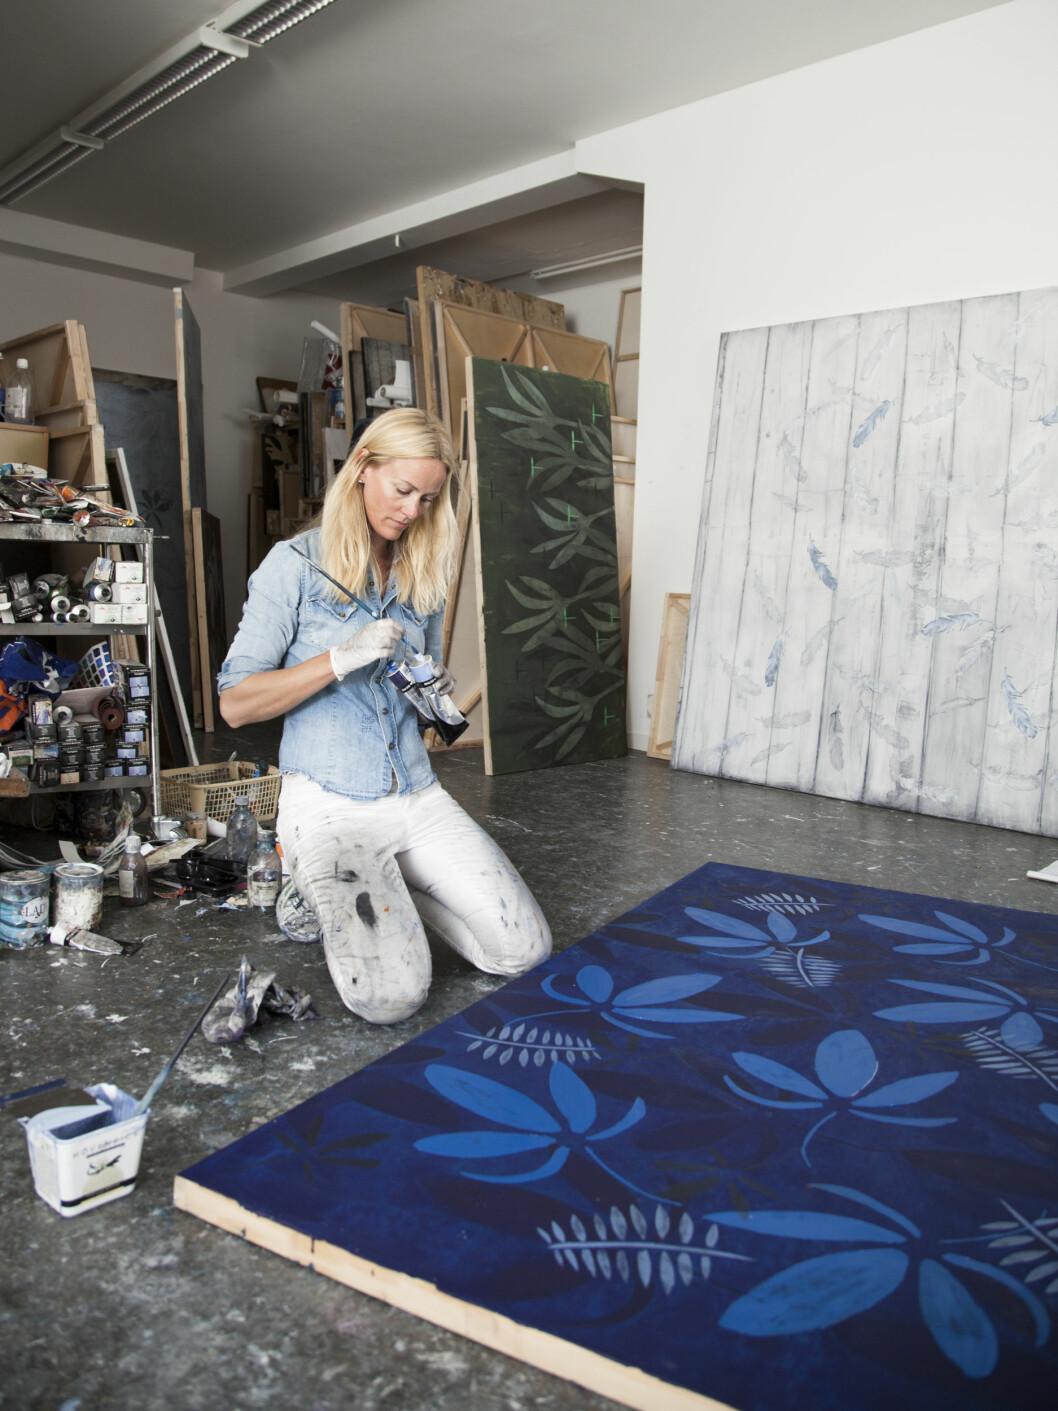 NATURBARN: Cathrine Knudsen sier bildene hennes er inspirert av naturen fordi hun føler seg mest hjemme der.  Foto: Torjus Berglid